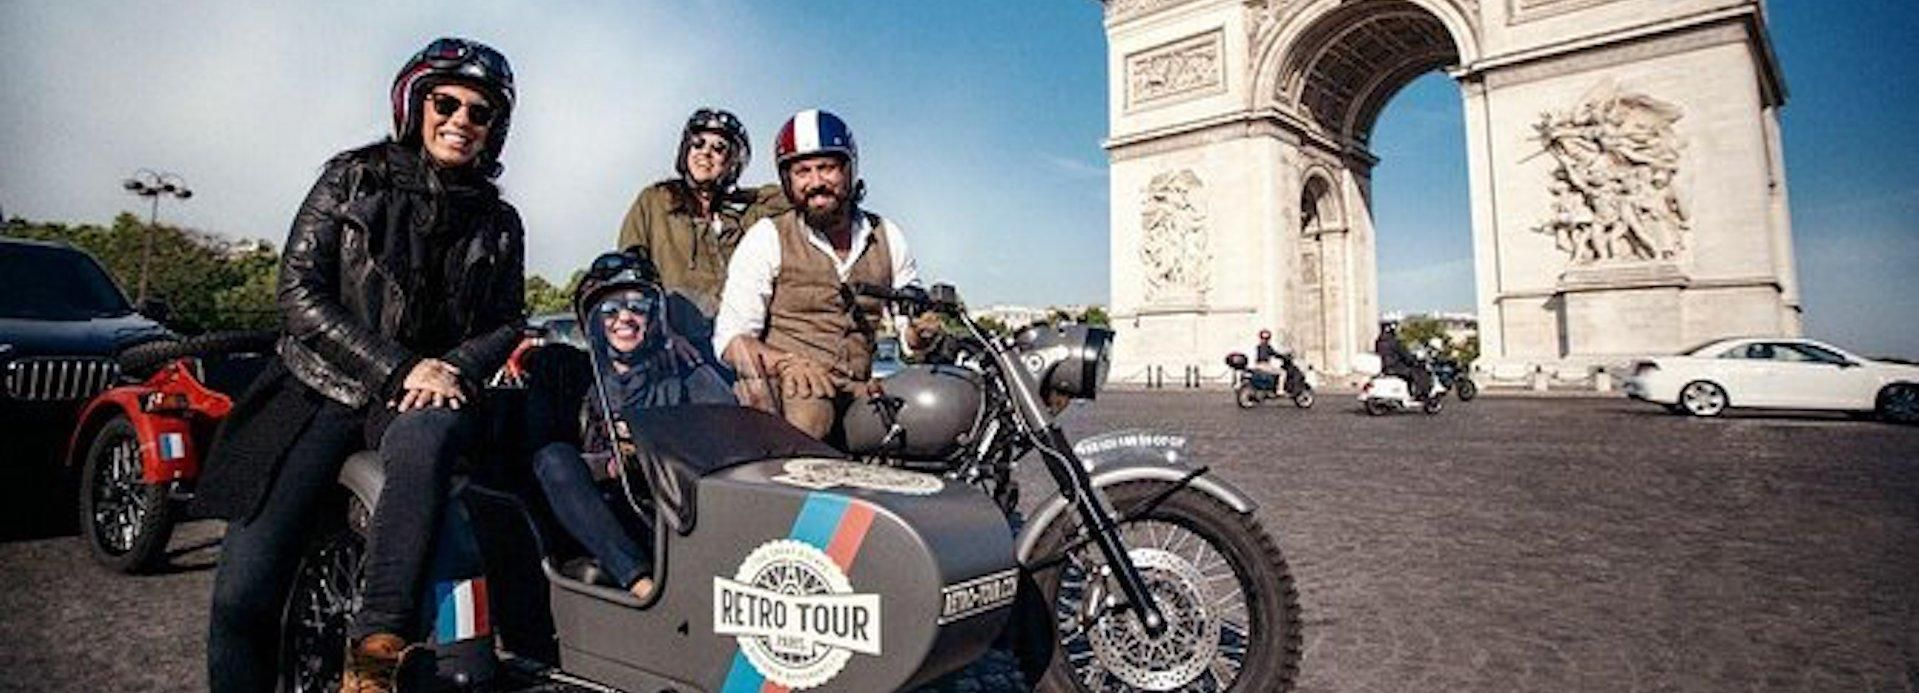 Paris: 1-Hour Classic Vintage Sidecar Motorcycle Tour